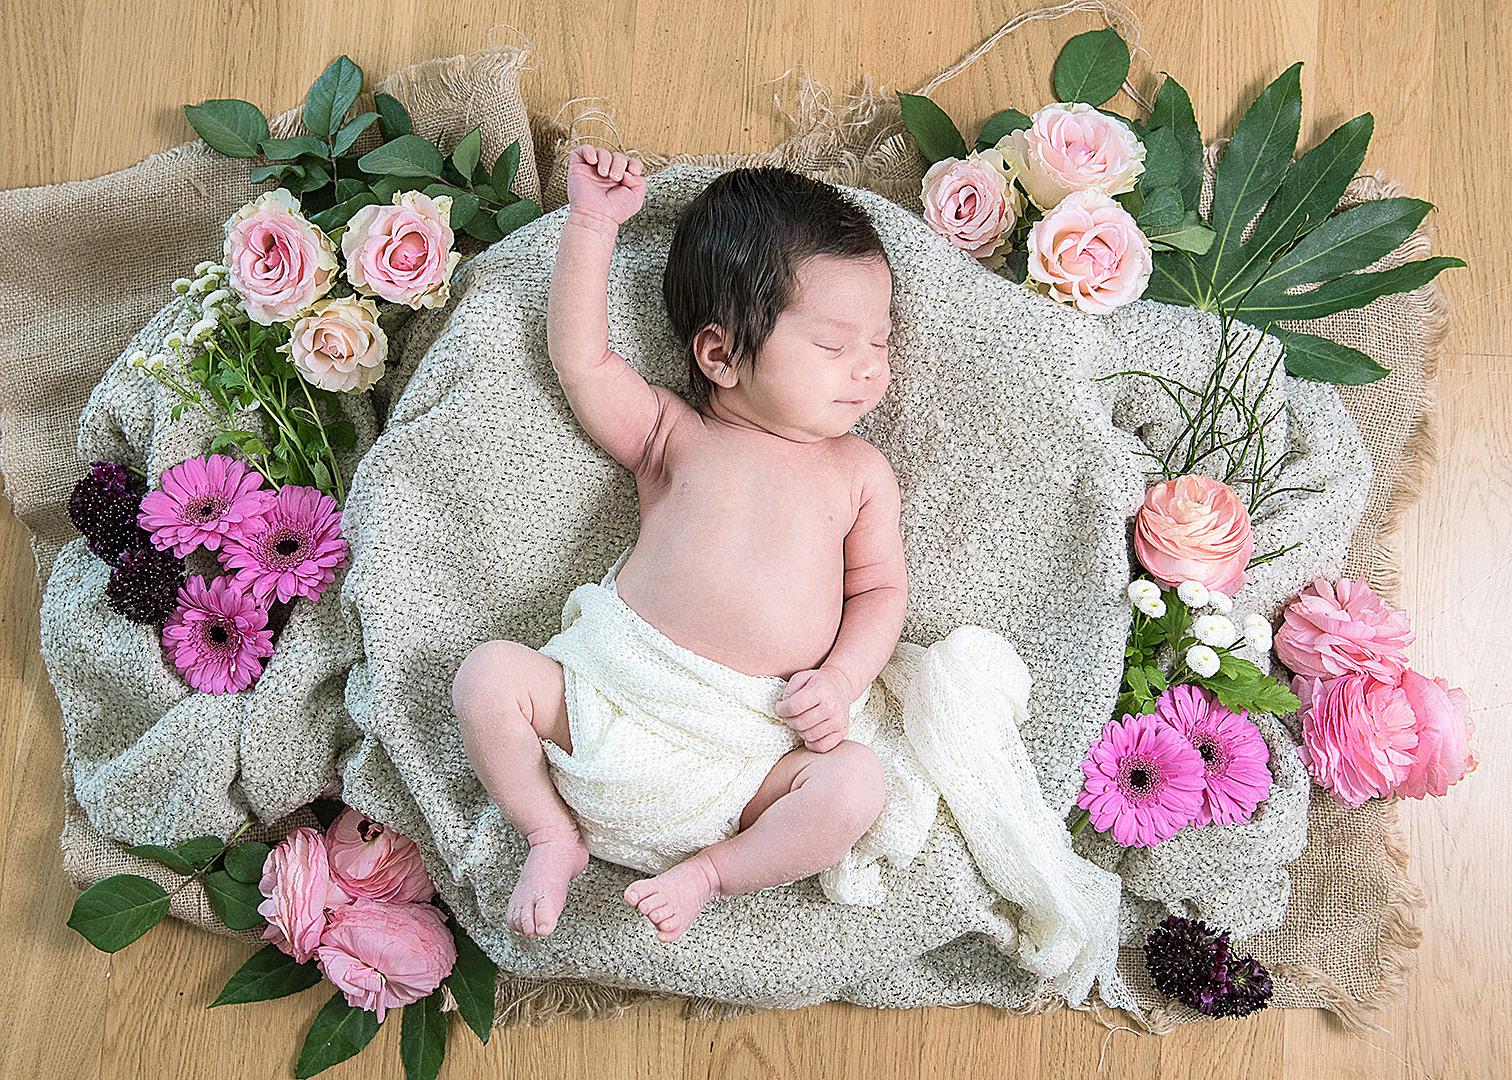 neugeborenenfotos zuhause, babyfotograf berlin, fotoshooting zuhause, babyfotos zuhause machen lassen, babyfotos mit blumen